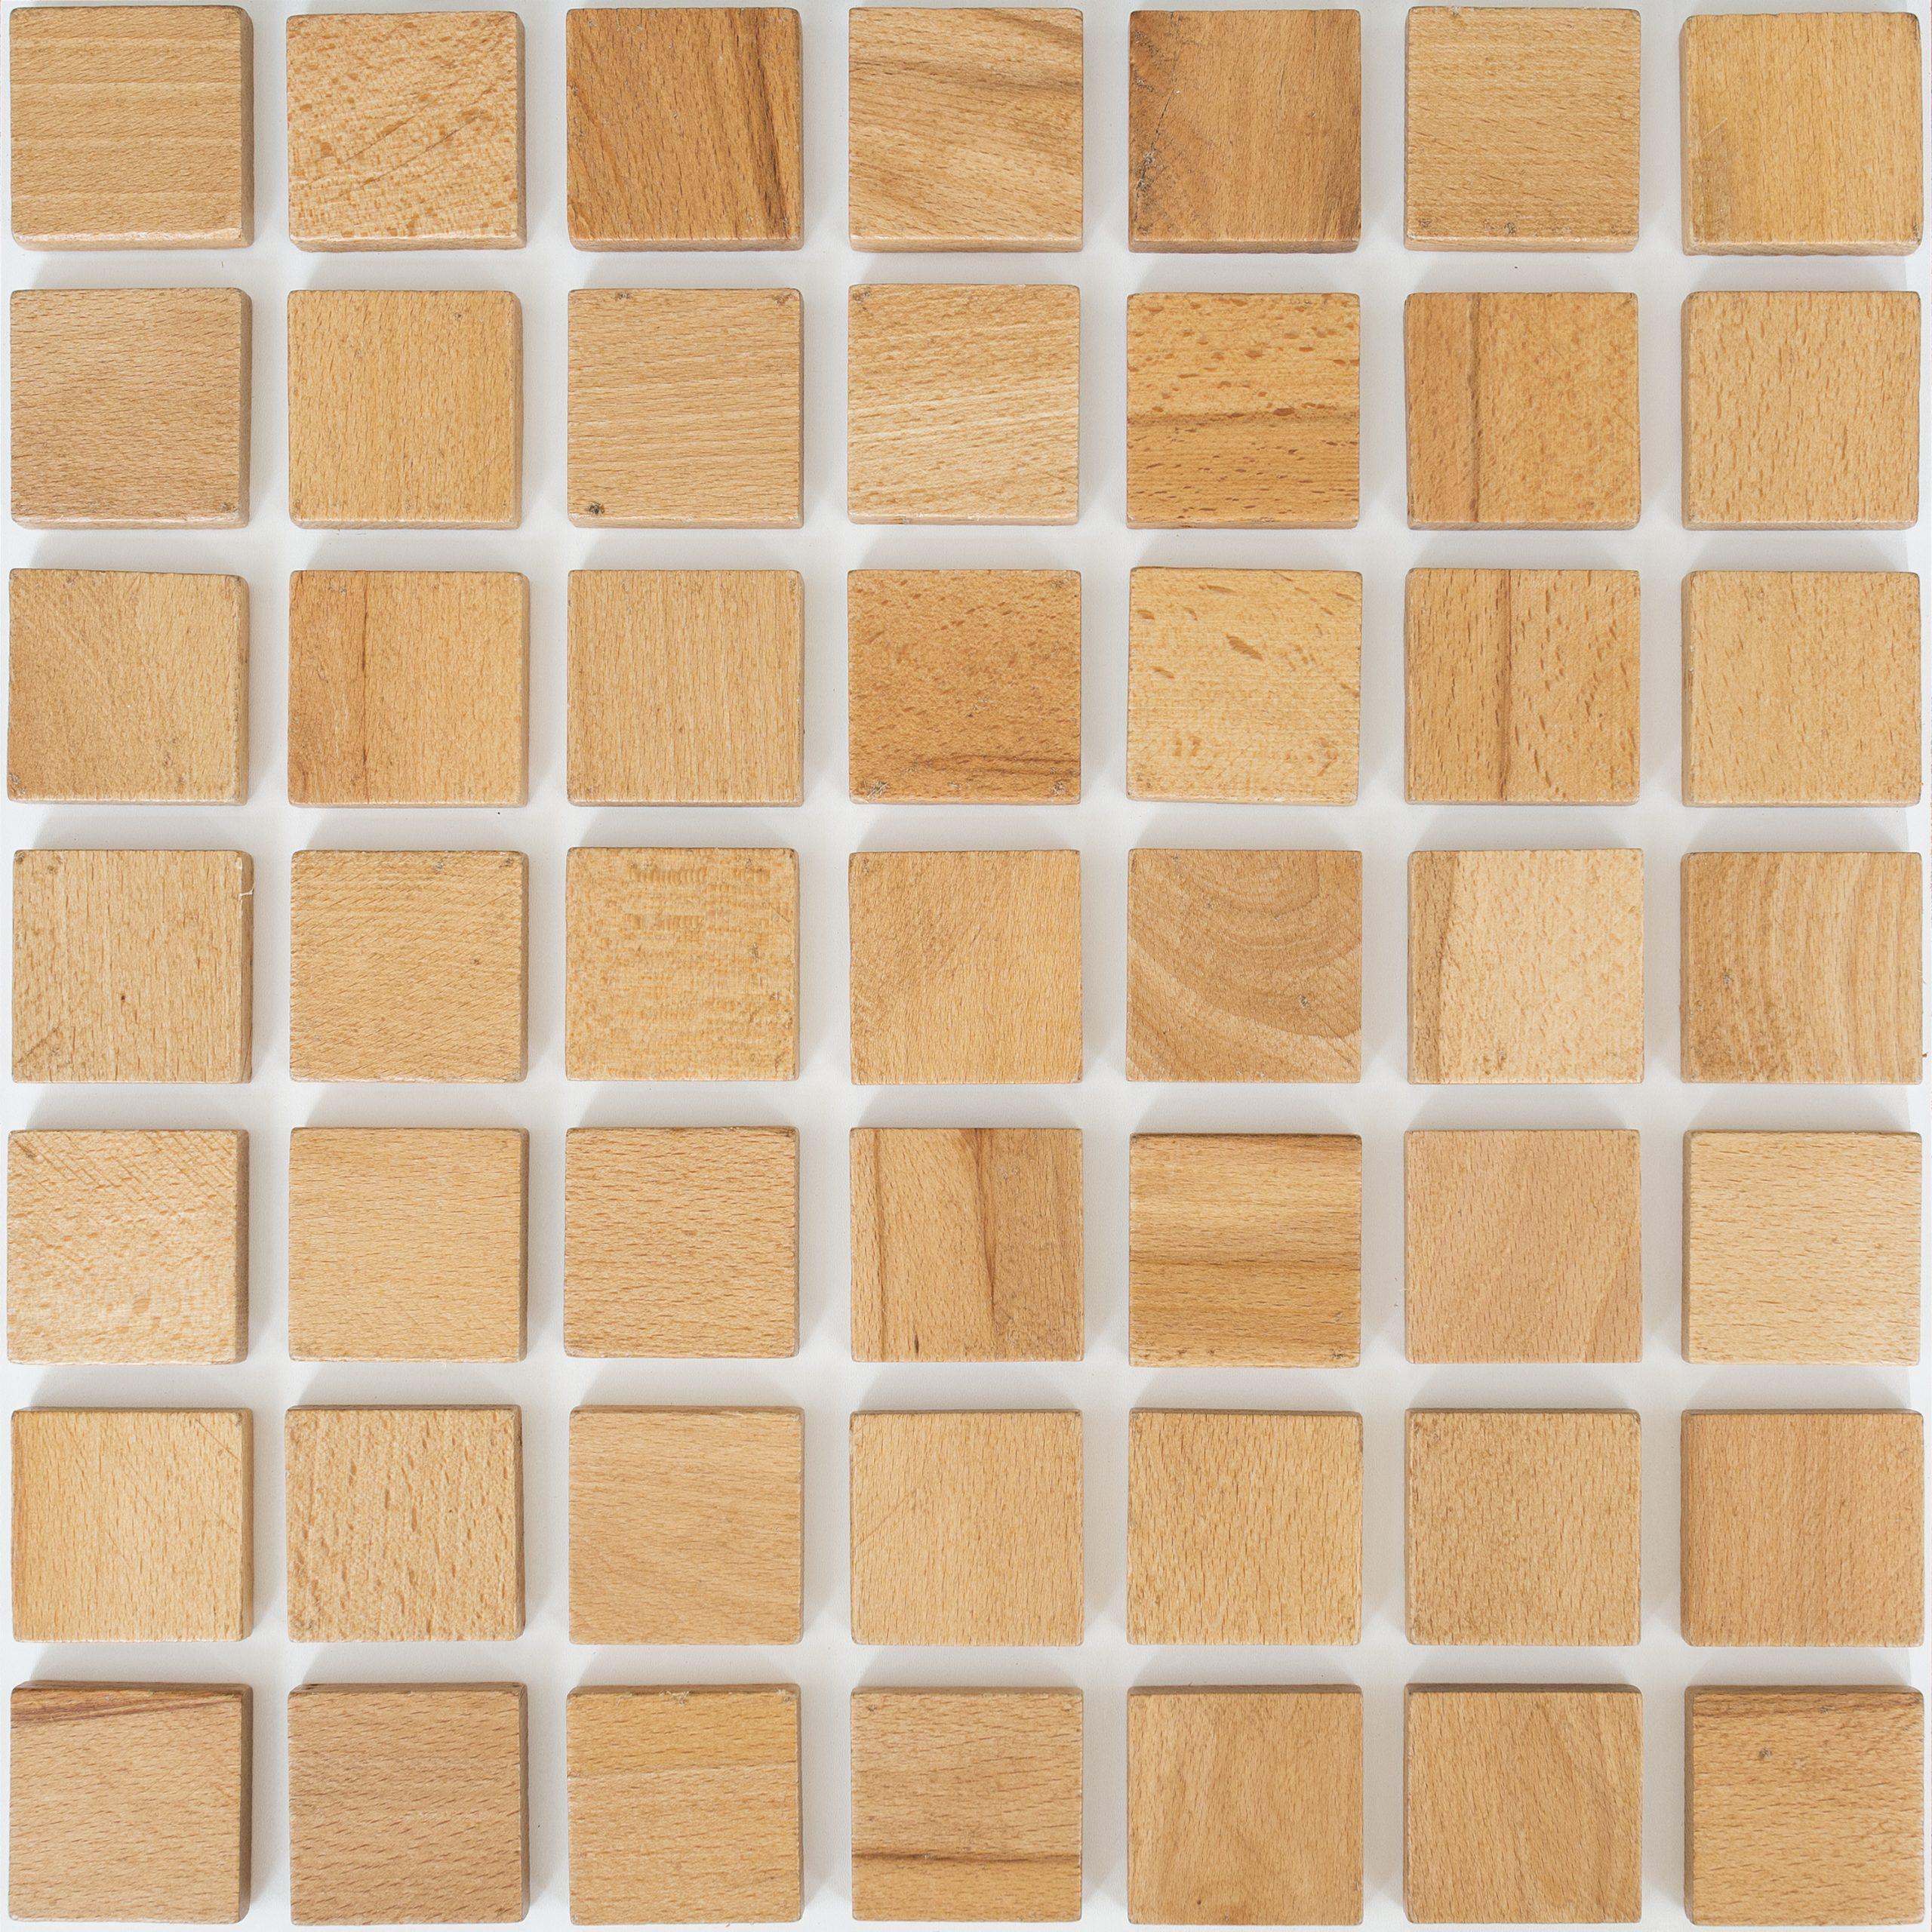 panouri-decorative-lemn